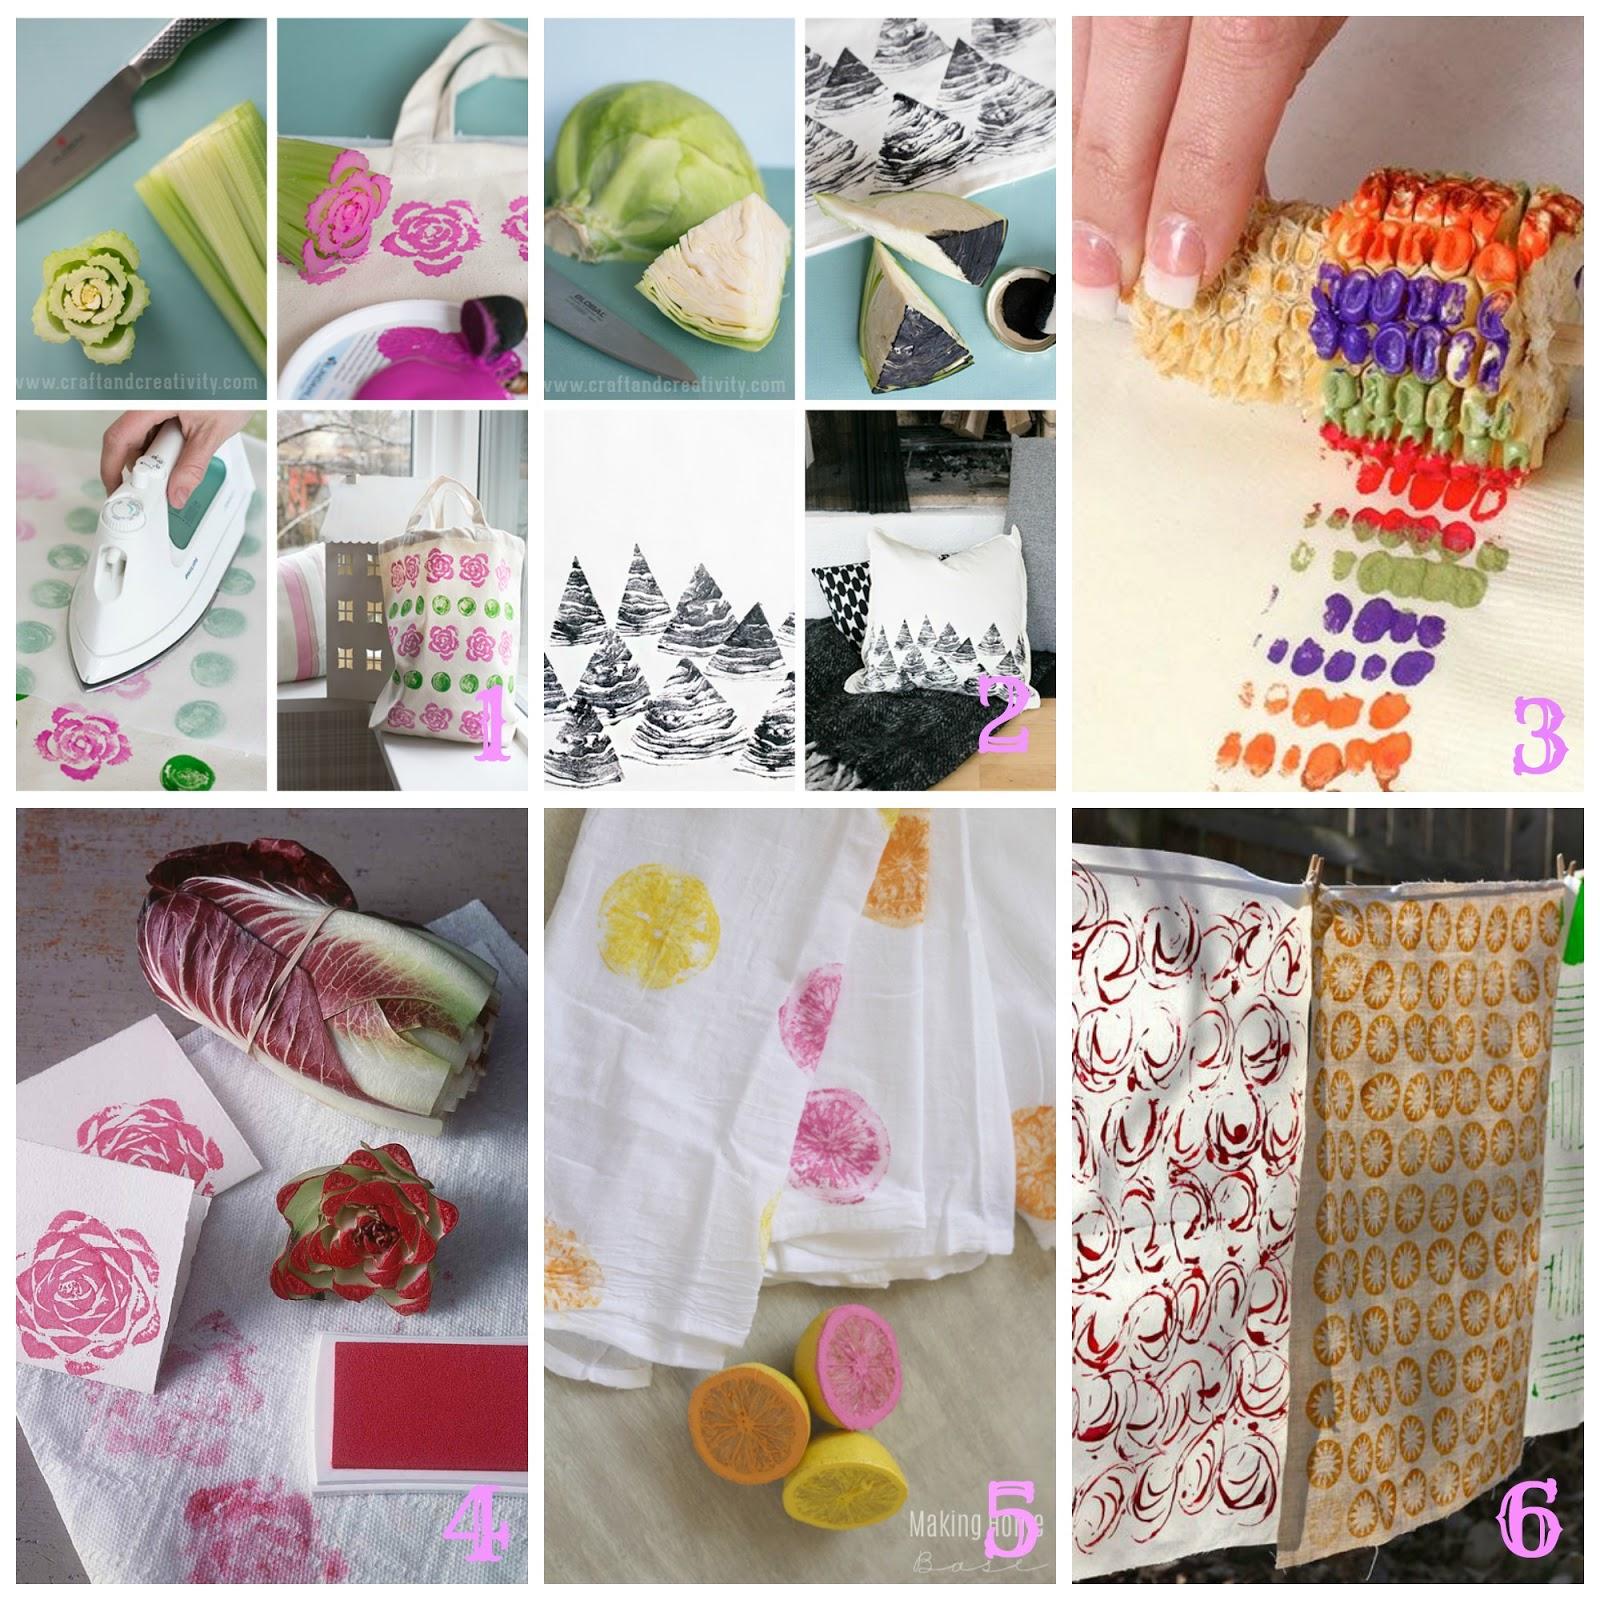 Stampe fai da te su carta e stoffa con verdura e oggetti - Oggetti fai da te ...